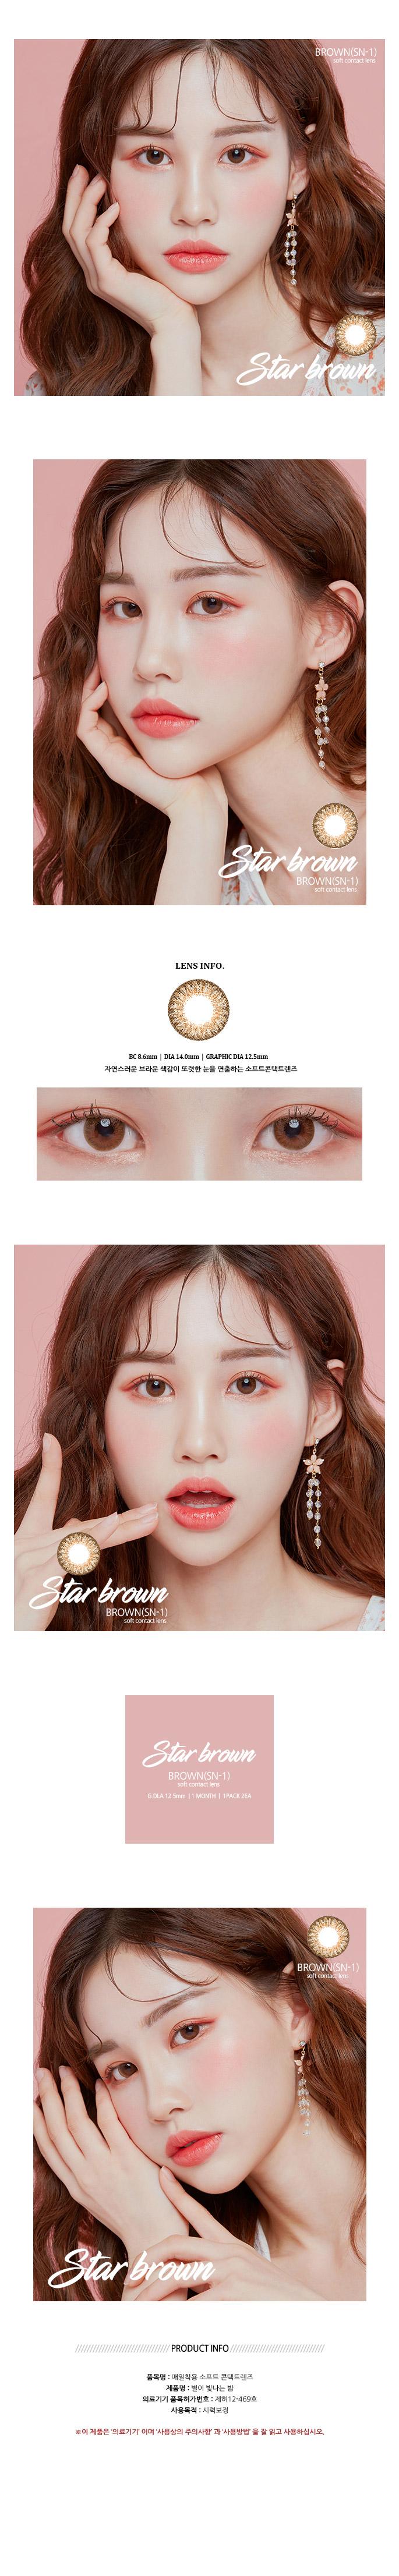 star-3color-brown-sn1-korean-circle-lenses.jpg